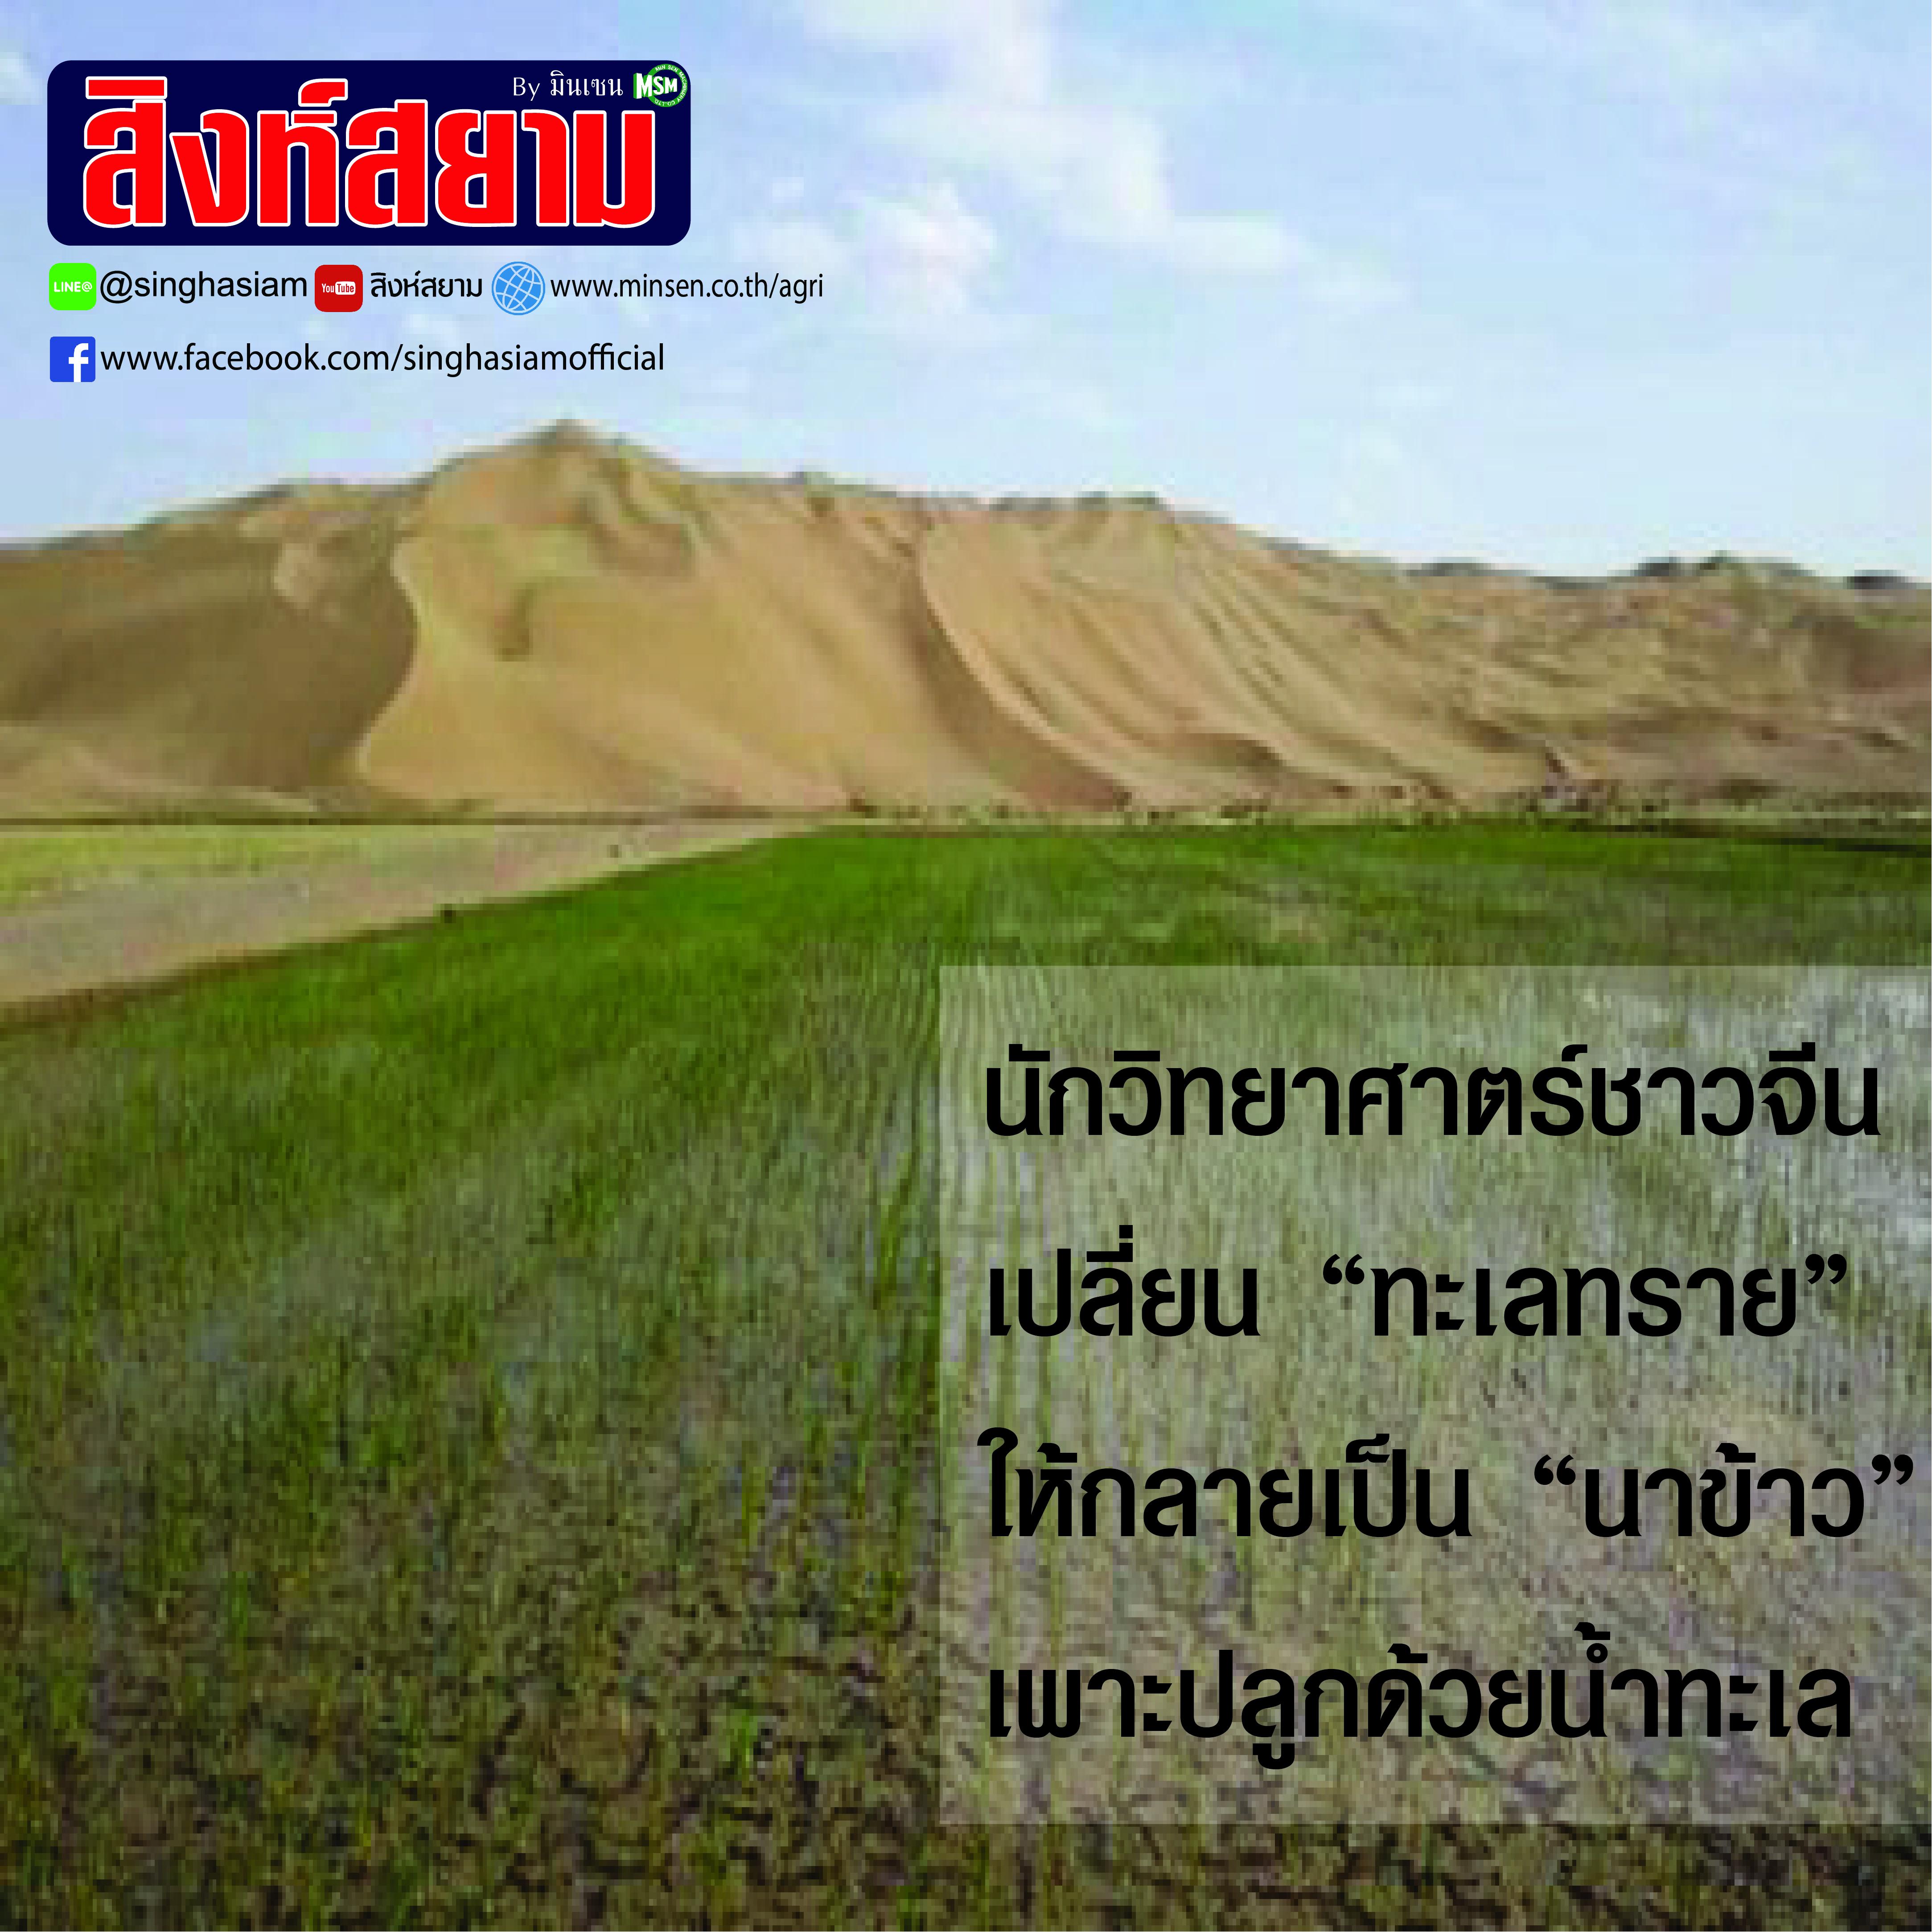 นักวิทยาศาสตร์ชาวจีนเปลี่ยนทะเลทรายให้เป็นนาข้าว